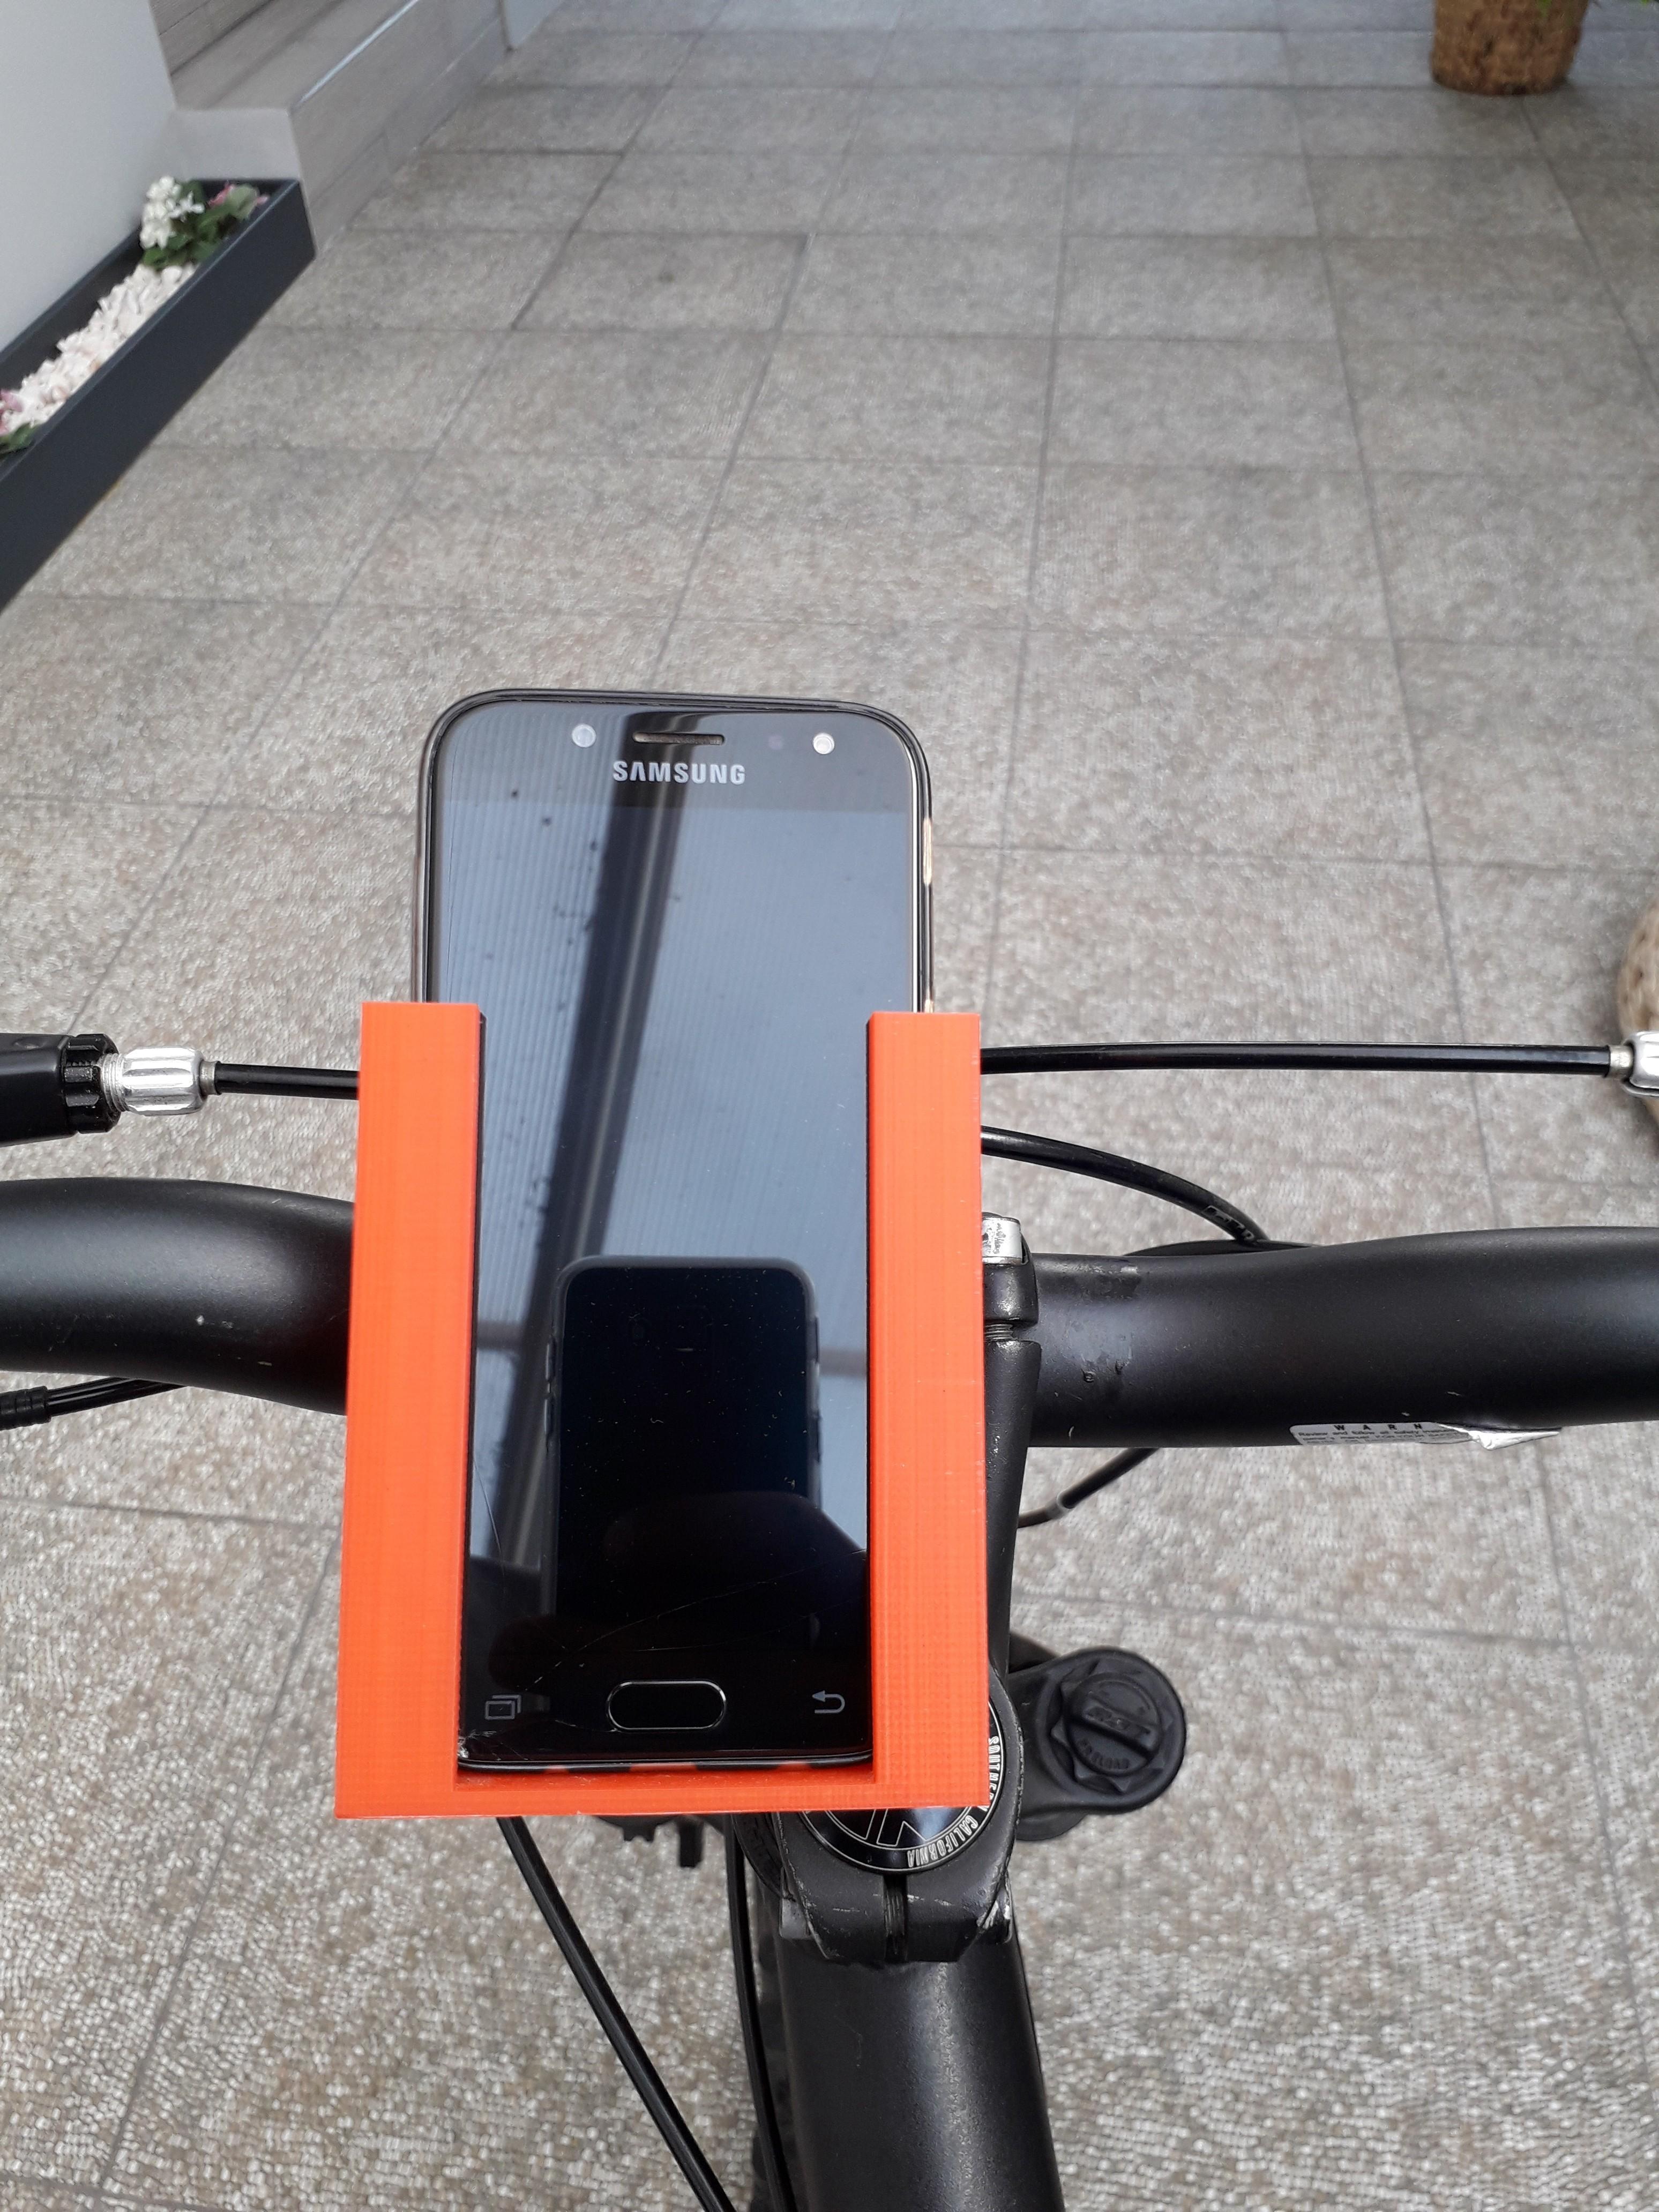 20180831_152238.jpg Download free STL file Stand Phone For Bike • 3D printing model, BrunoSilva